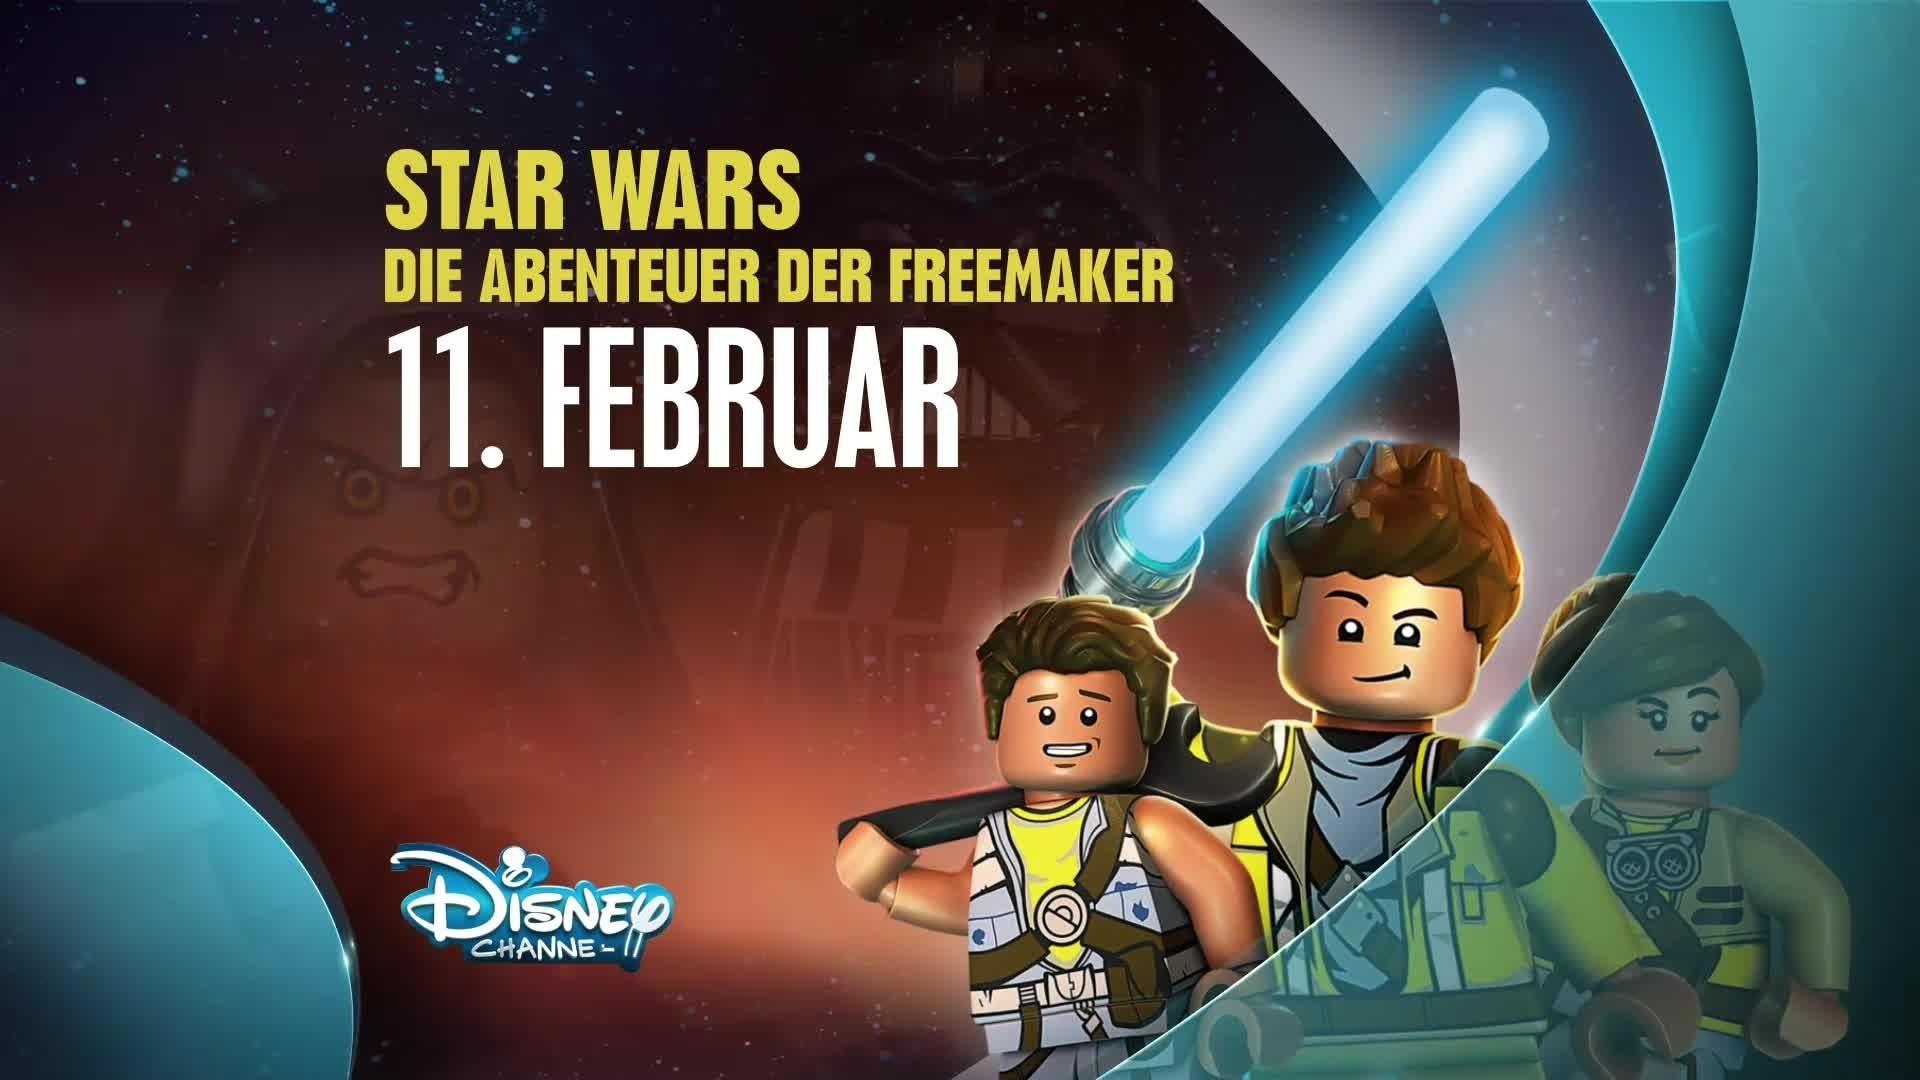 Lego Star Wars: Die Abenteuer der Freemaker - Trailer